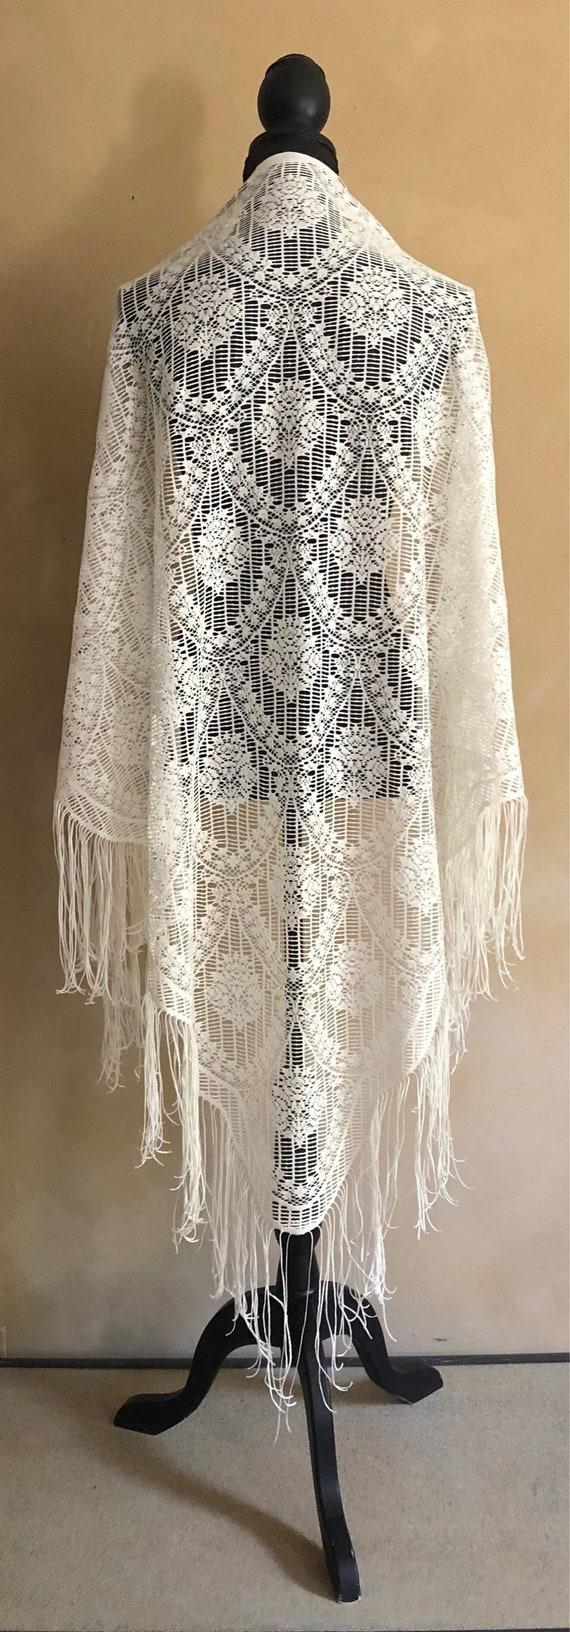 Vintage Bohemian Lace Fringed Shawl 1970's